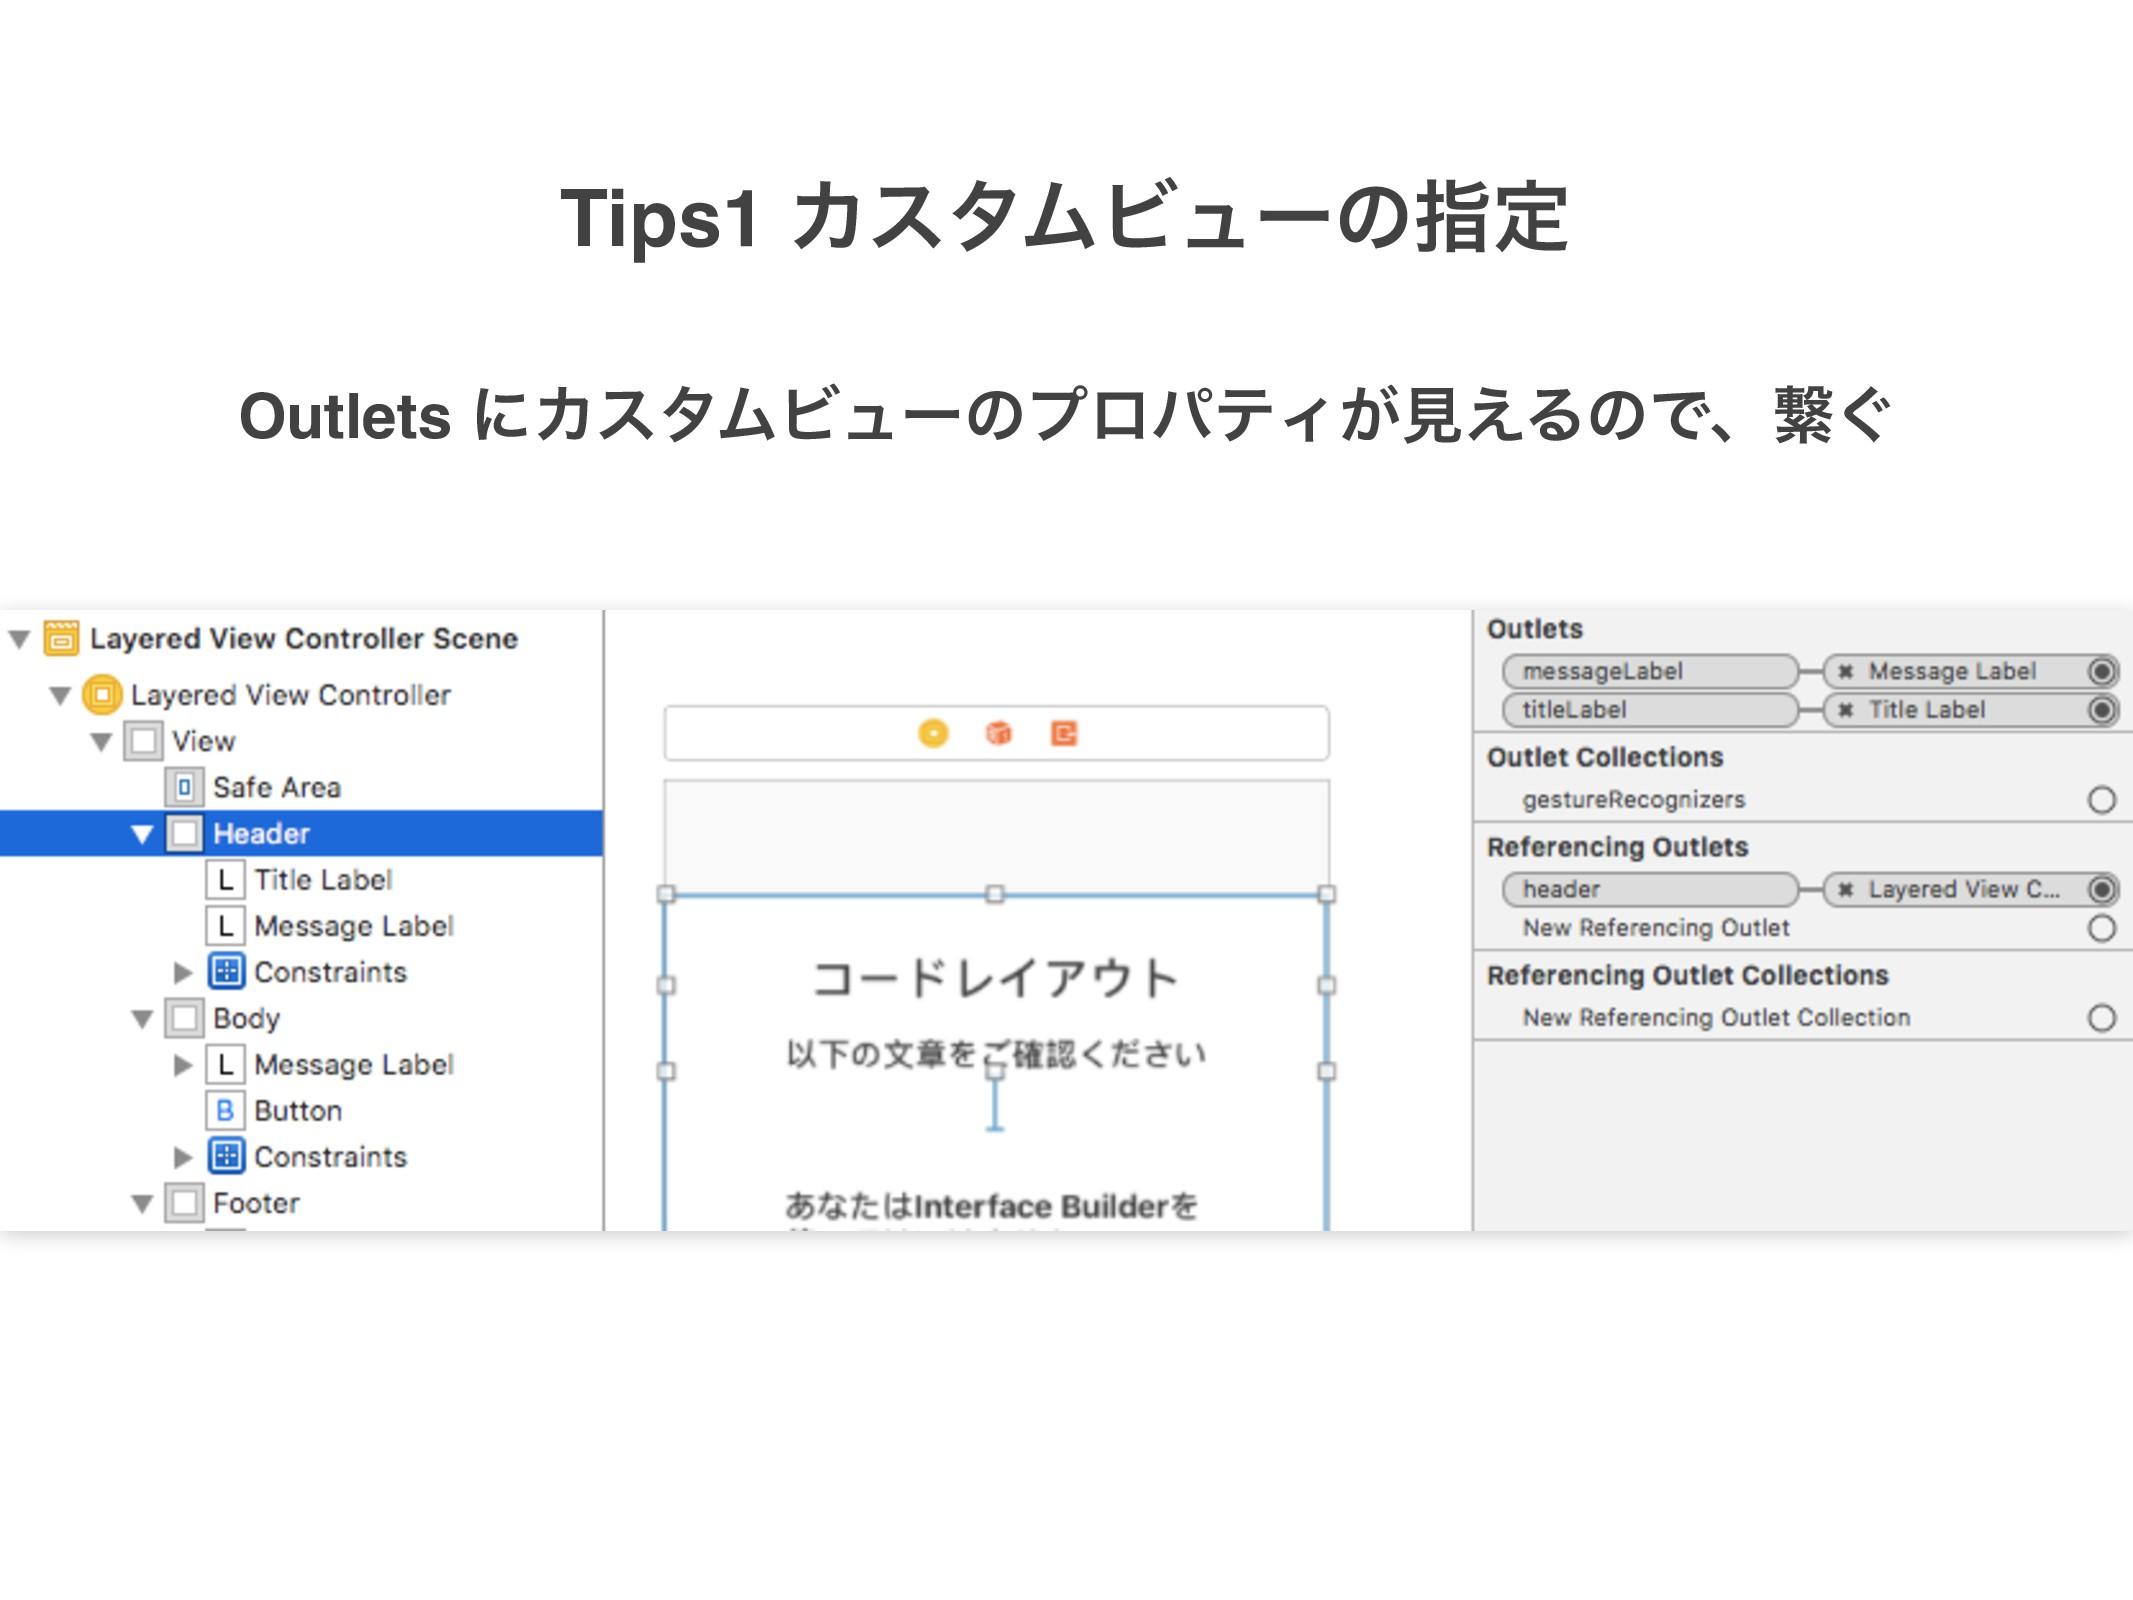 Outlets ʹΧελϜϏϡʔͷϓϩύςΟ͕ݟ͑ΔͷͰɺܨ͙ Tips1 ΧελϜϏϡʔͷࢦఆ